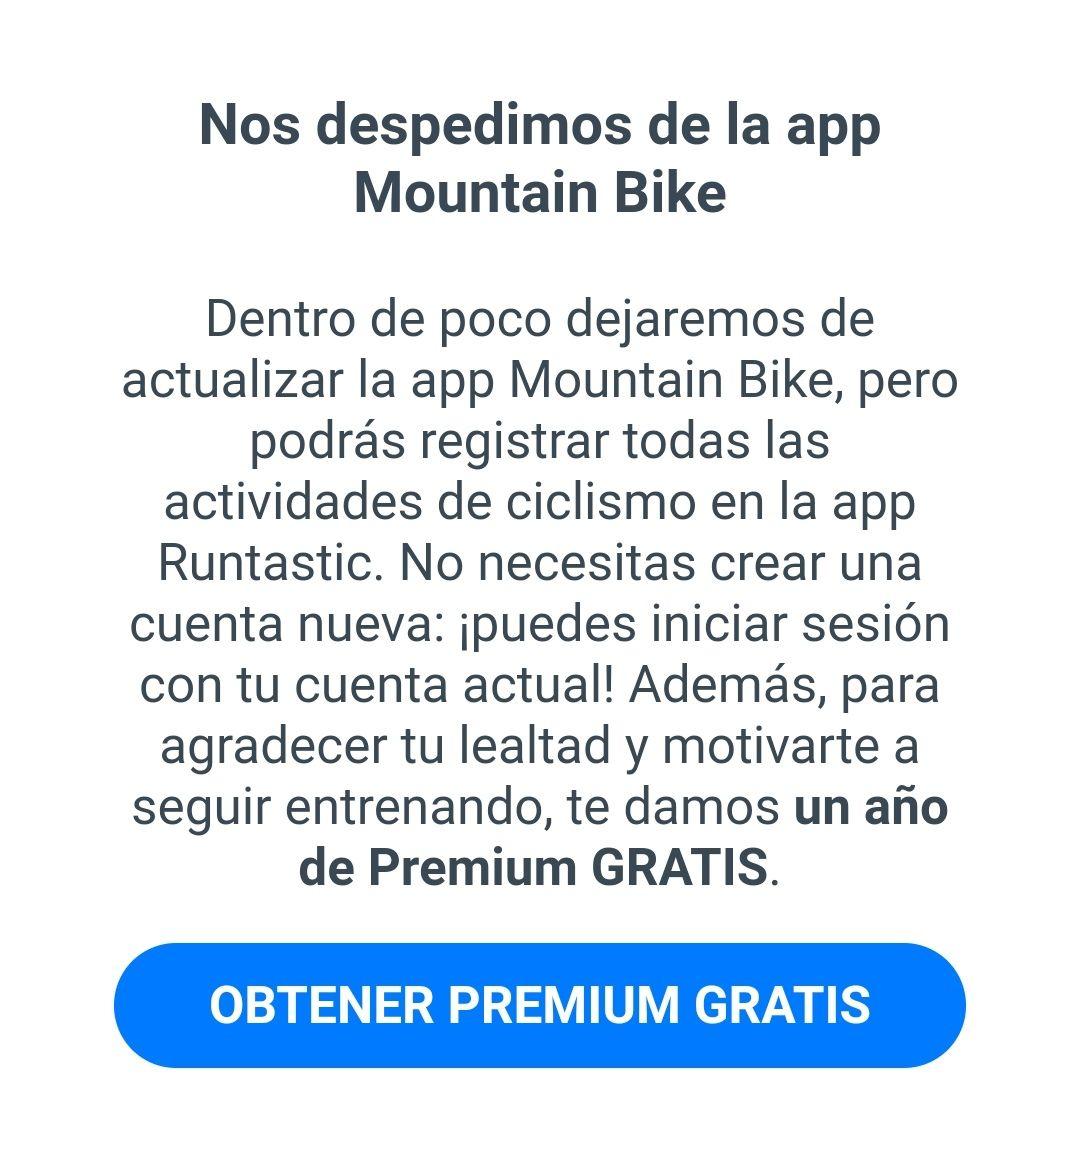 Runtastic: App Runtastic premium por un año gratis